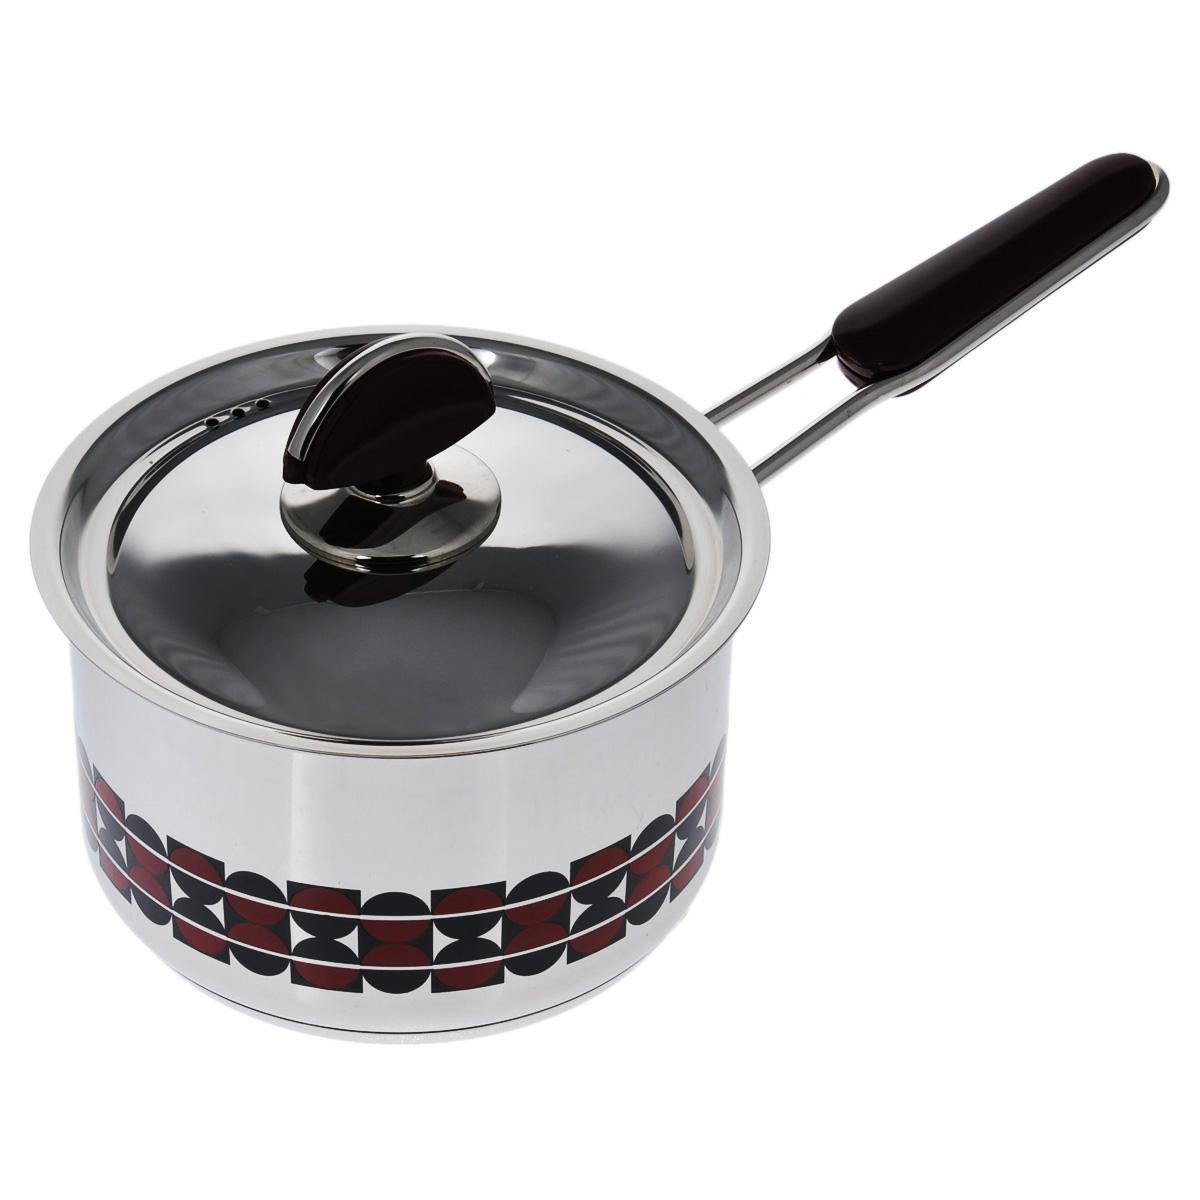 Ковш Kitchen-Art EX Pot с крышкой, 2,1 лZH3001Ковш Kitchen-Art EX Pot выполнен из высококачественной нержавеющей стали Премиум-ЛЮКС с зеркальной полировкой. Внешние стенки оформлены красивым геометричным рисунком в стиле Luxury. Дно изделия с трехслойным напылением, легкое, но очень прочное. Модный европейский дизайн, обтекаемые линии и формы. Для удобного использования ручка из нержавеющей стали оснащена бакелитовой вставкой бордового цвета. Крышка выполнена из нержавеющей стали со специальными отверстиями для выпуска пара. Подходит для всех типов плит, включая индукционные. Можно мыть в посудомоечной машине. Высота стенки: 10 см. Длина ручки: 15 см. Толщина стенки: 2 мм. Толщина дна: 4 мм. Диаметр дна: 14 см.